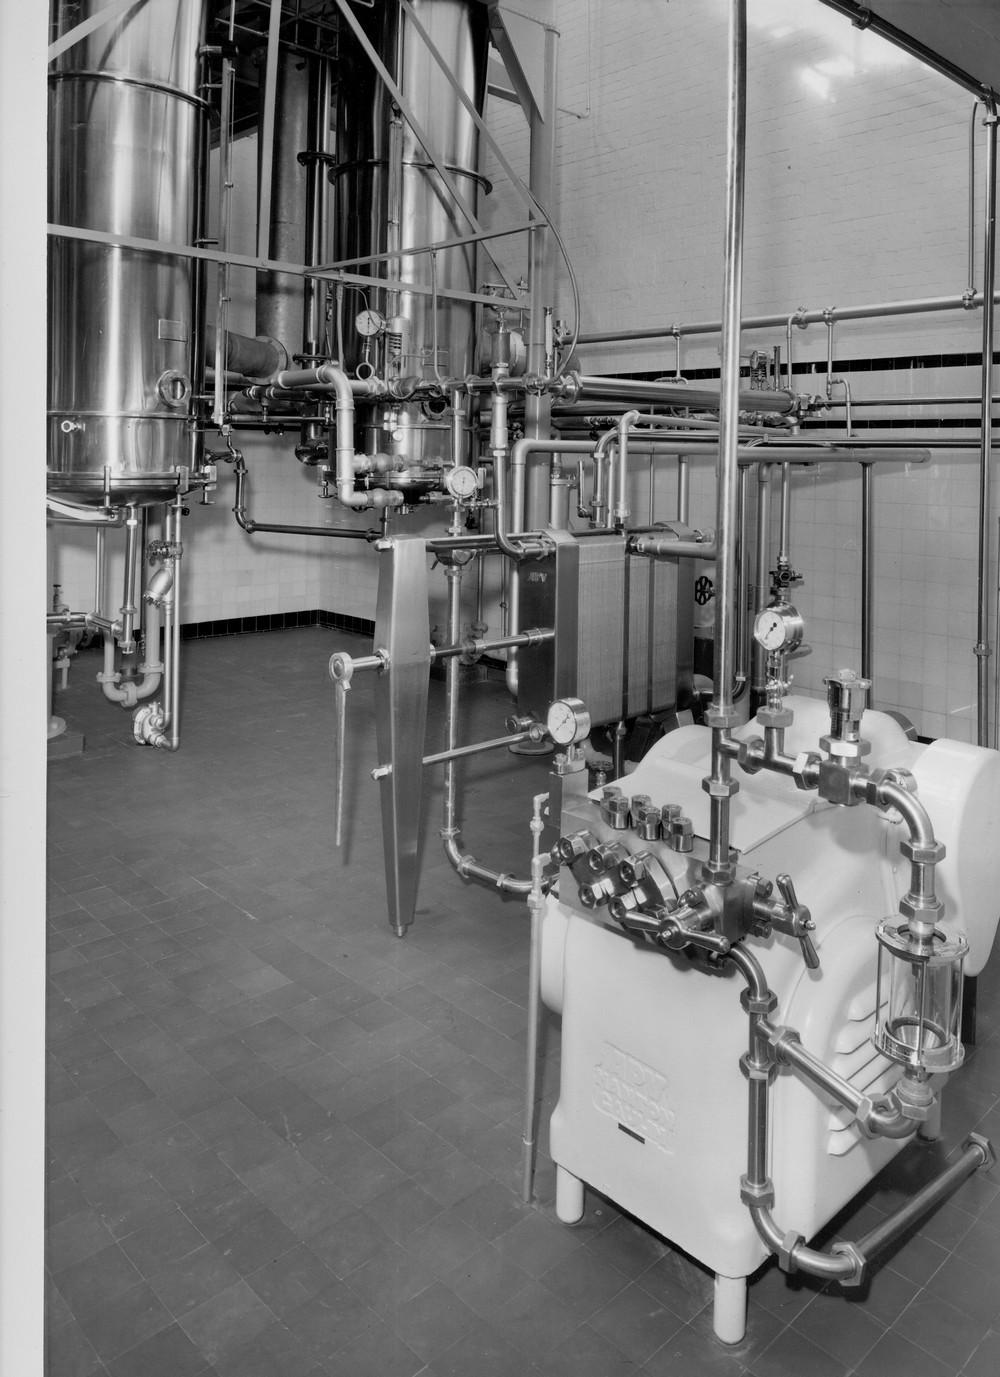 Hemyock milk factory. Powder drying machinery.-1